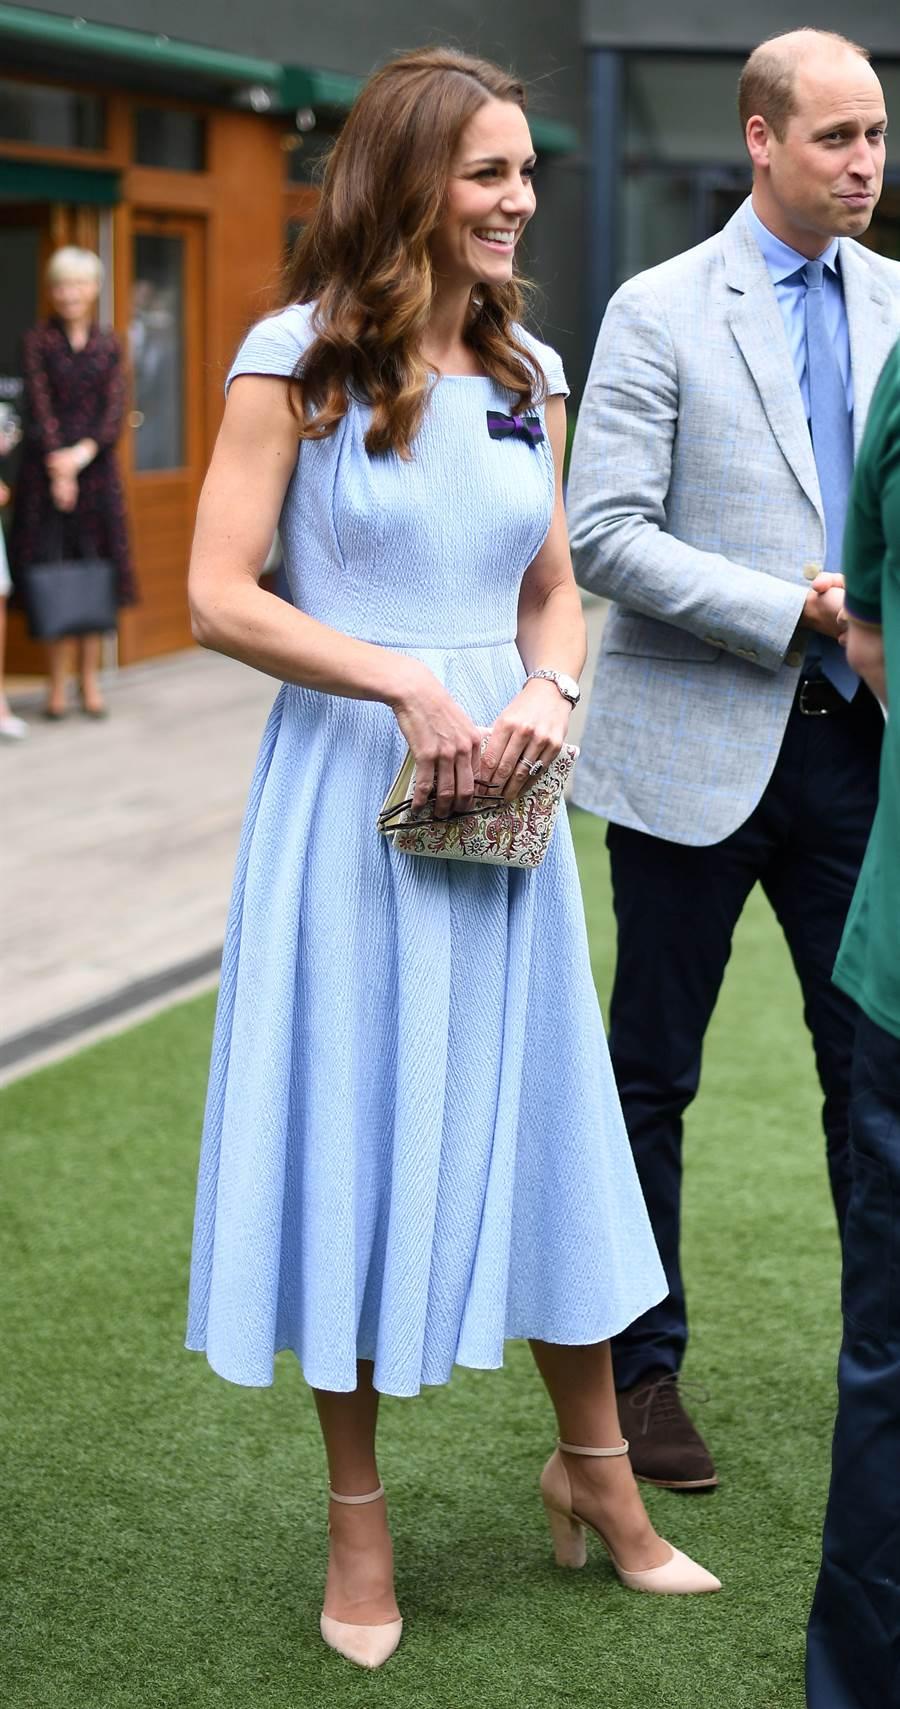 凱特身穿英國設計師Emilia Wickstead的客製長洋裝,搭配Aldo的裸色尖頭高跟鞋。(圖/達志影像)